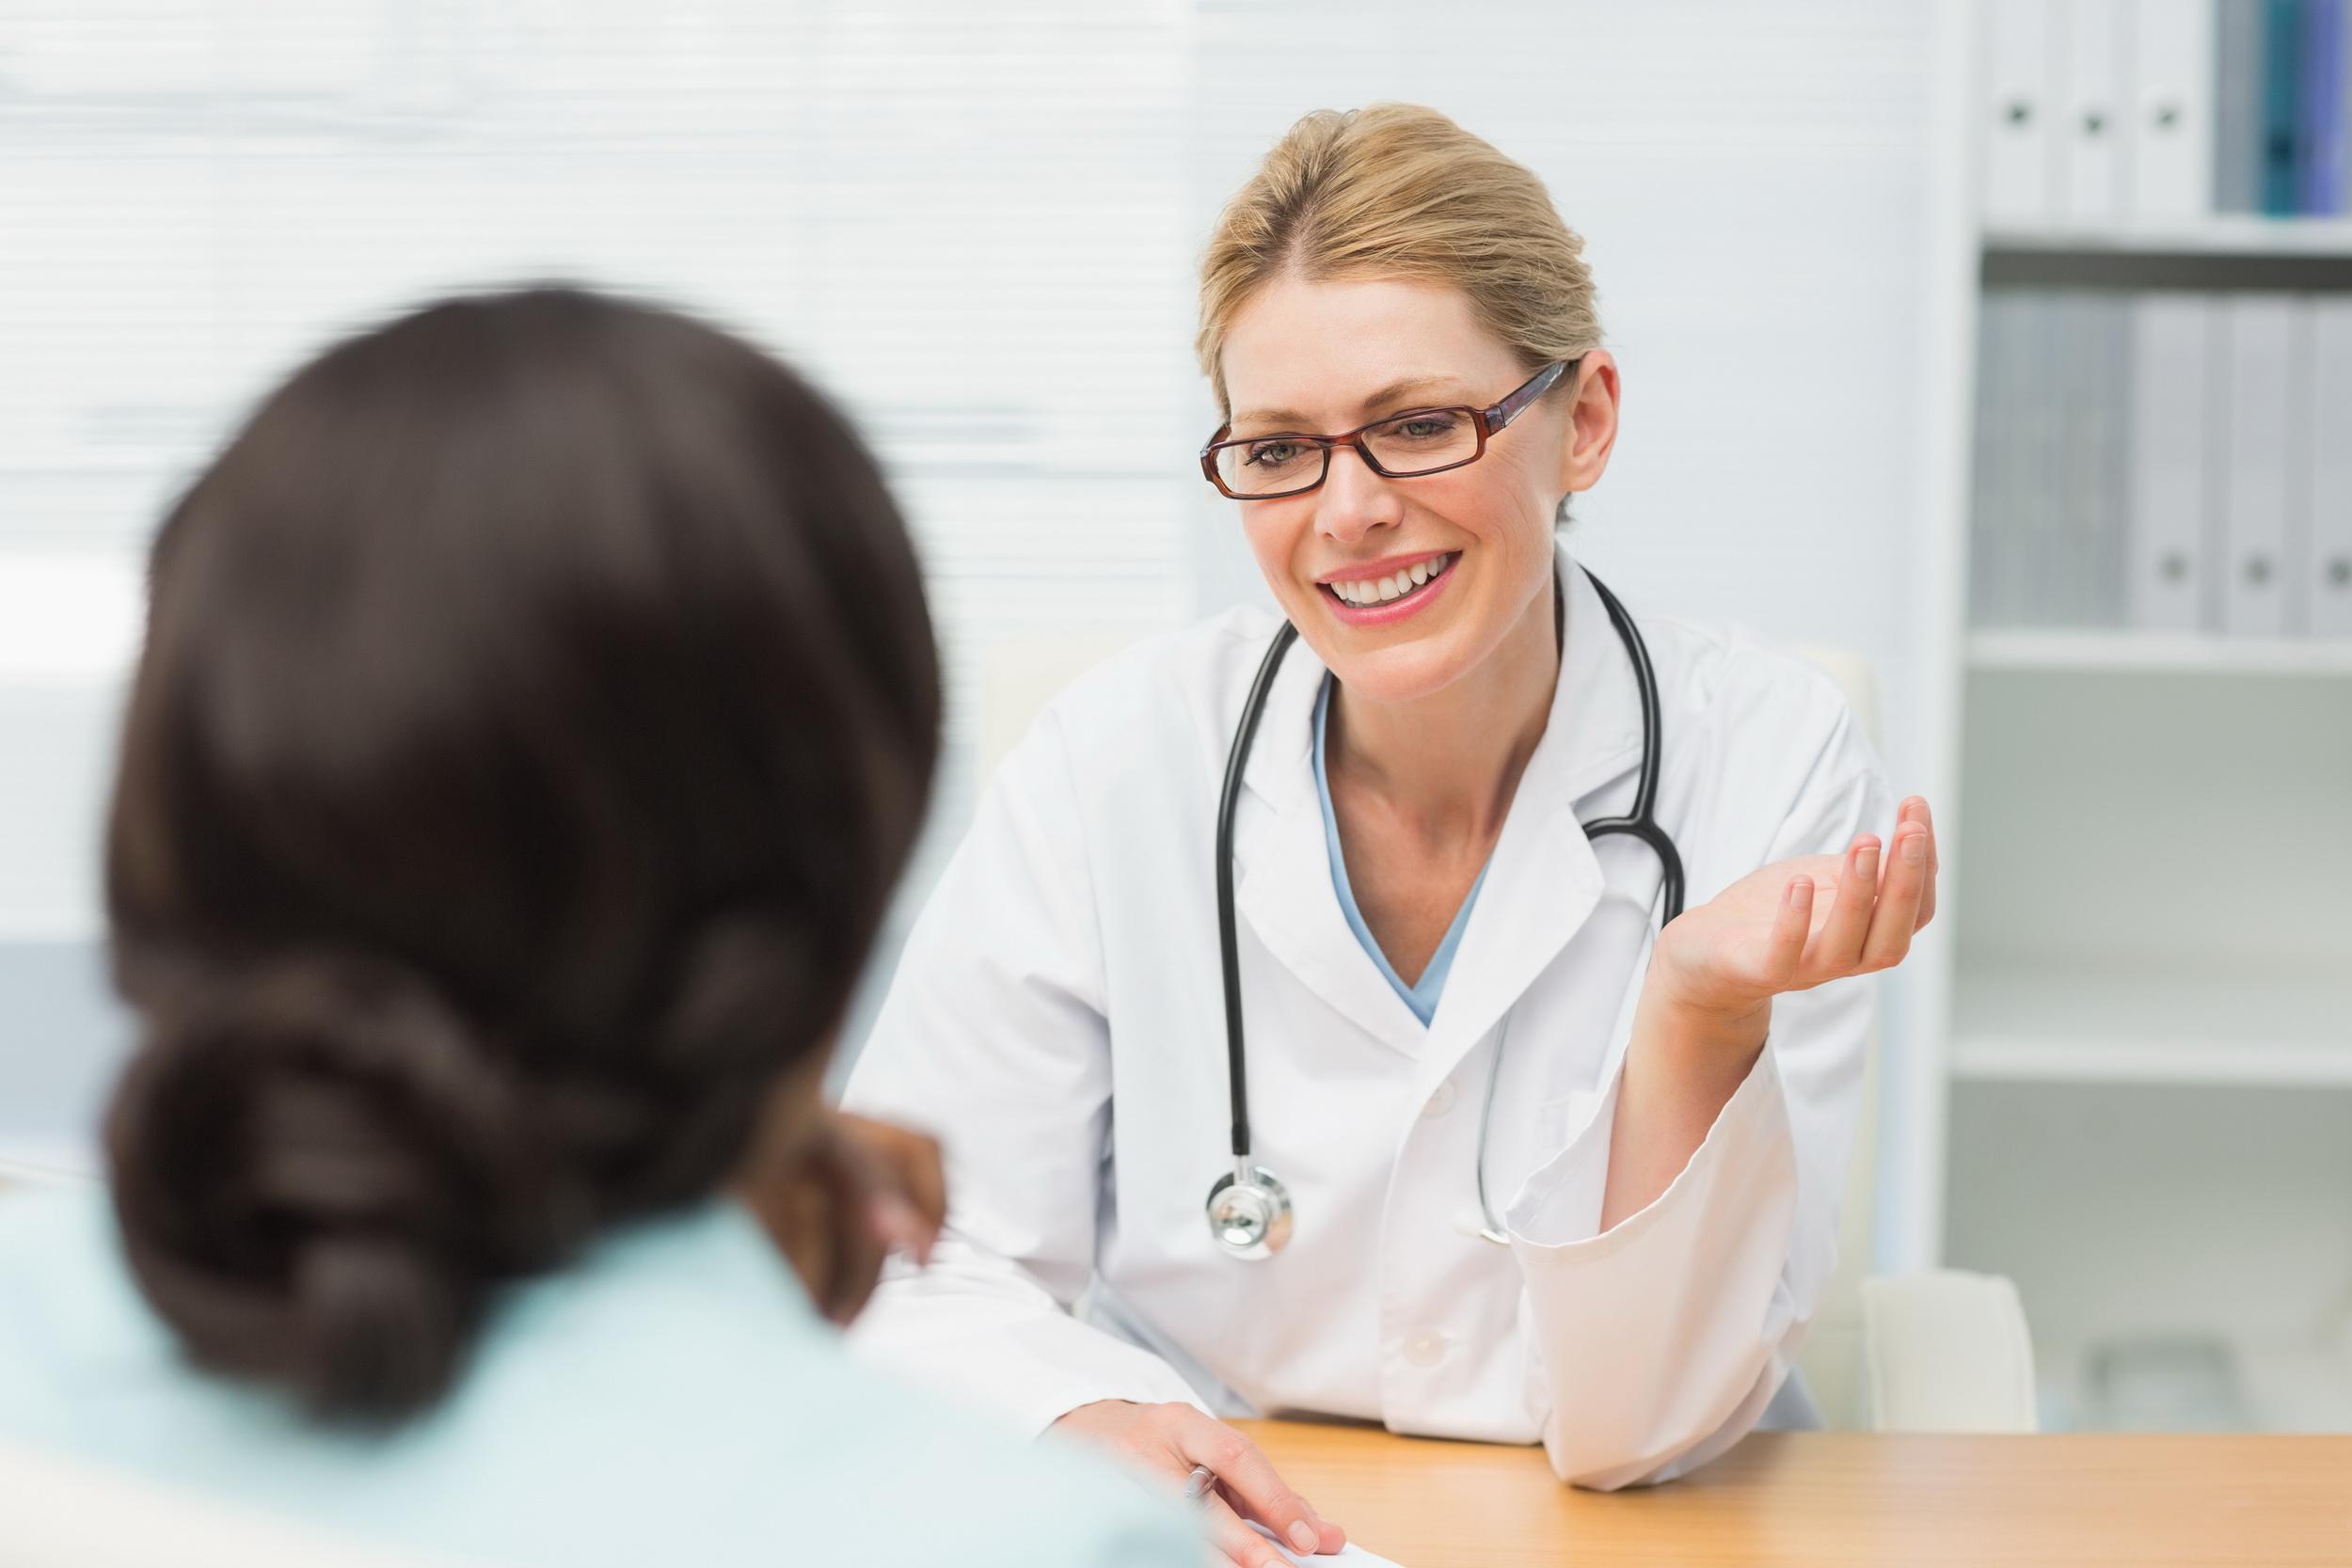 Узловая мастопатия принадлежит к доброкачественным видоизменениям молочных желез, которые образуются в организме в виде кист и узлов.